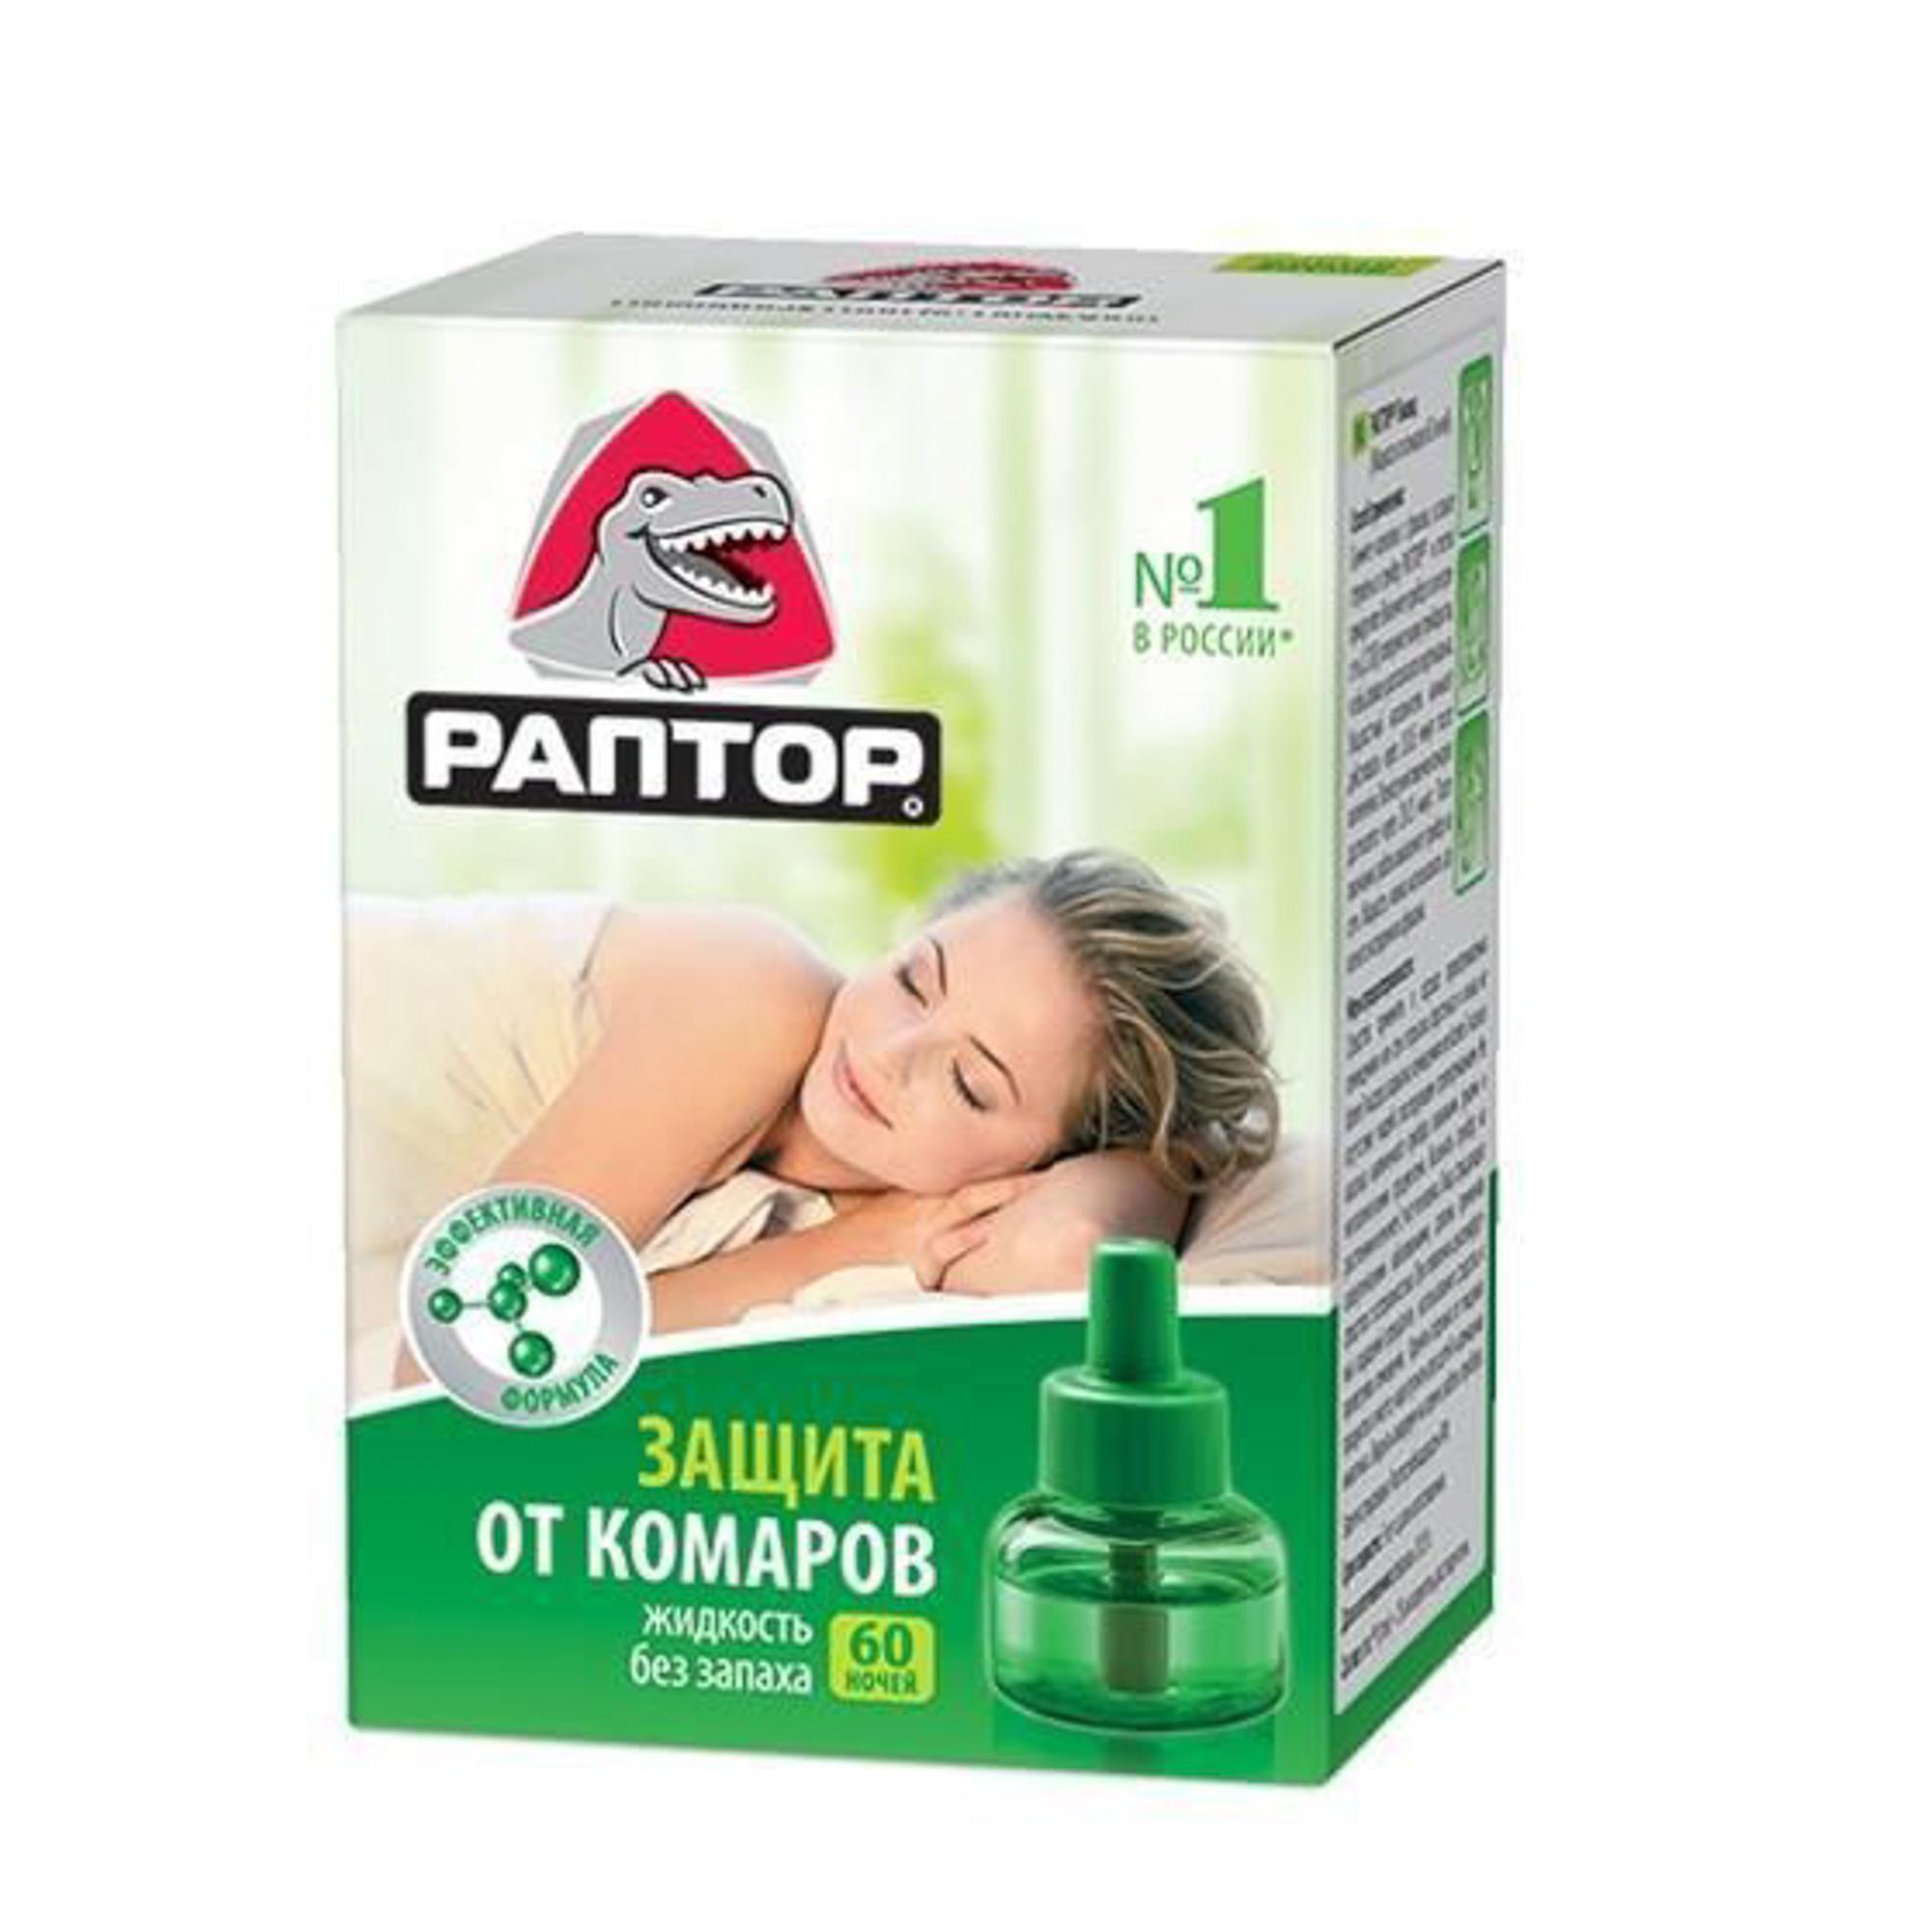 Жидкость от комаров Раптор 60 ночей 30 мл жидкость от комаров argus без запаха 30 мл